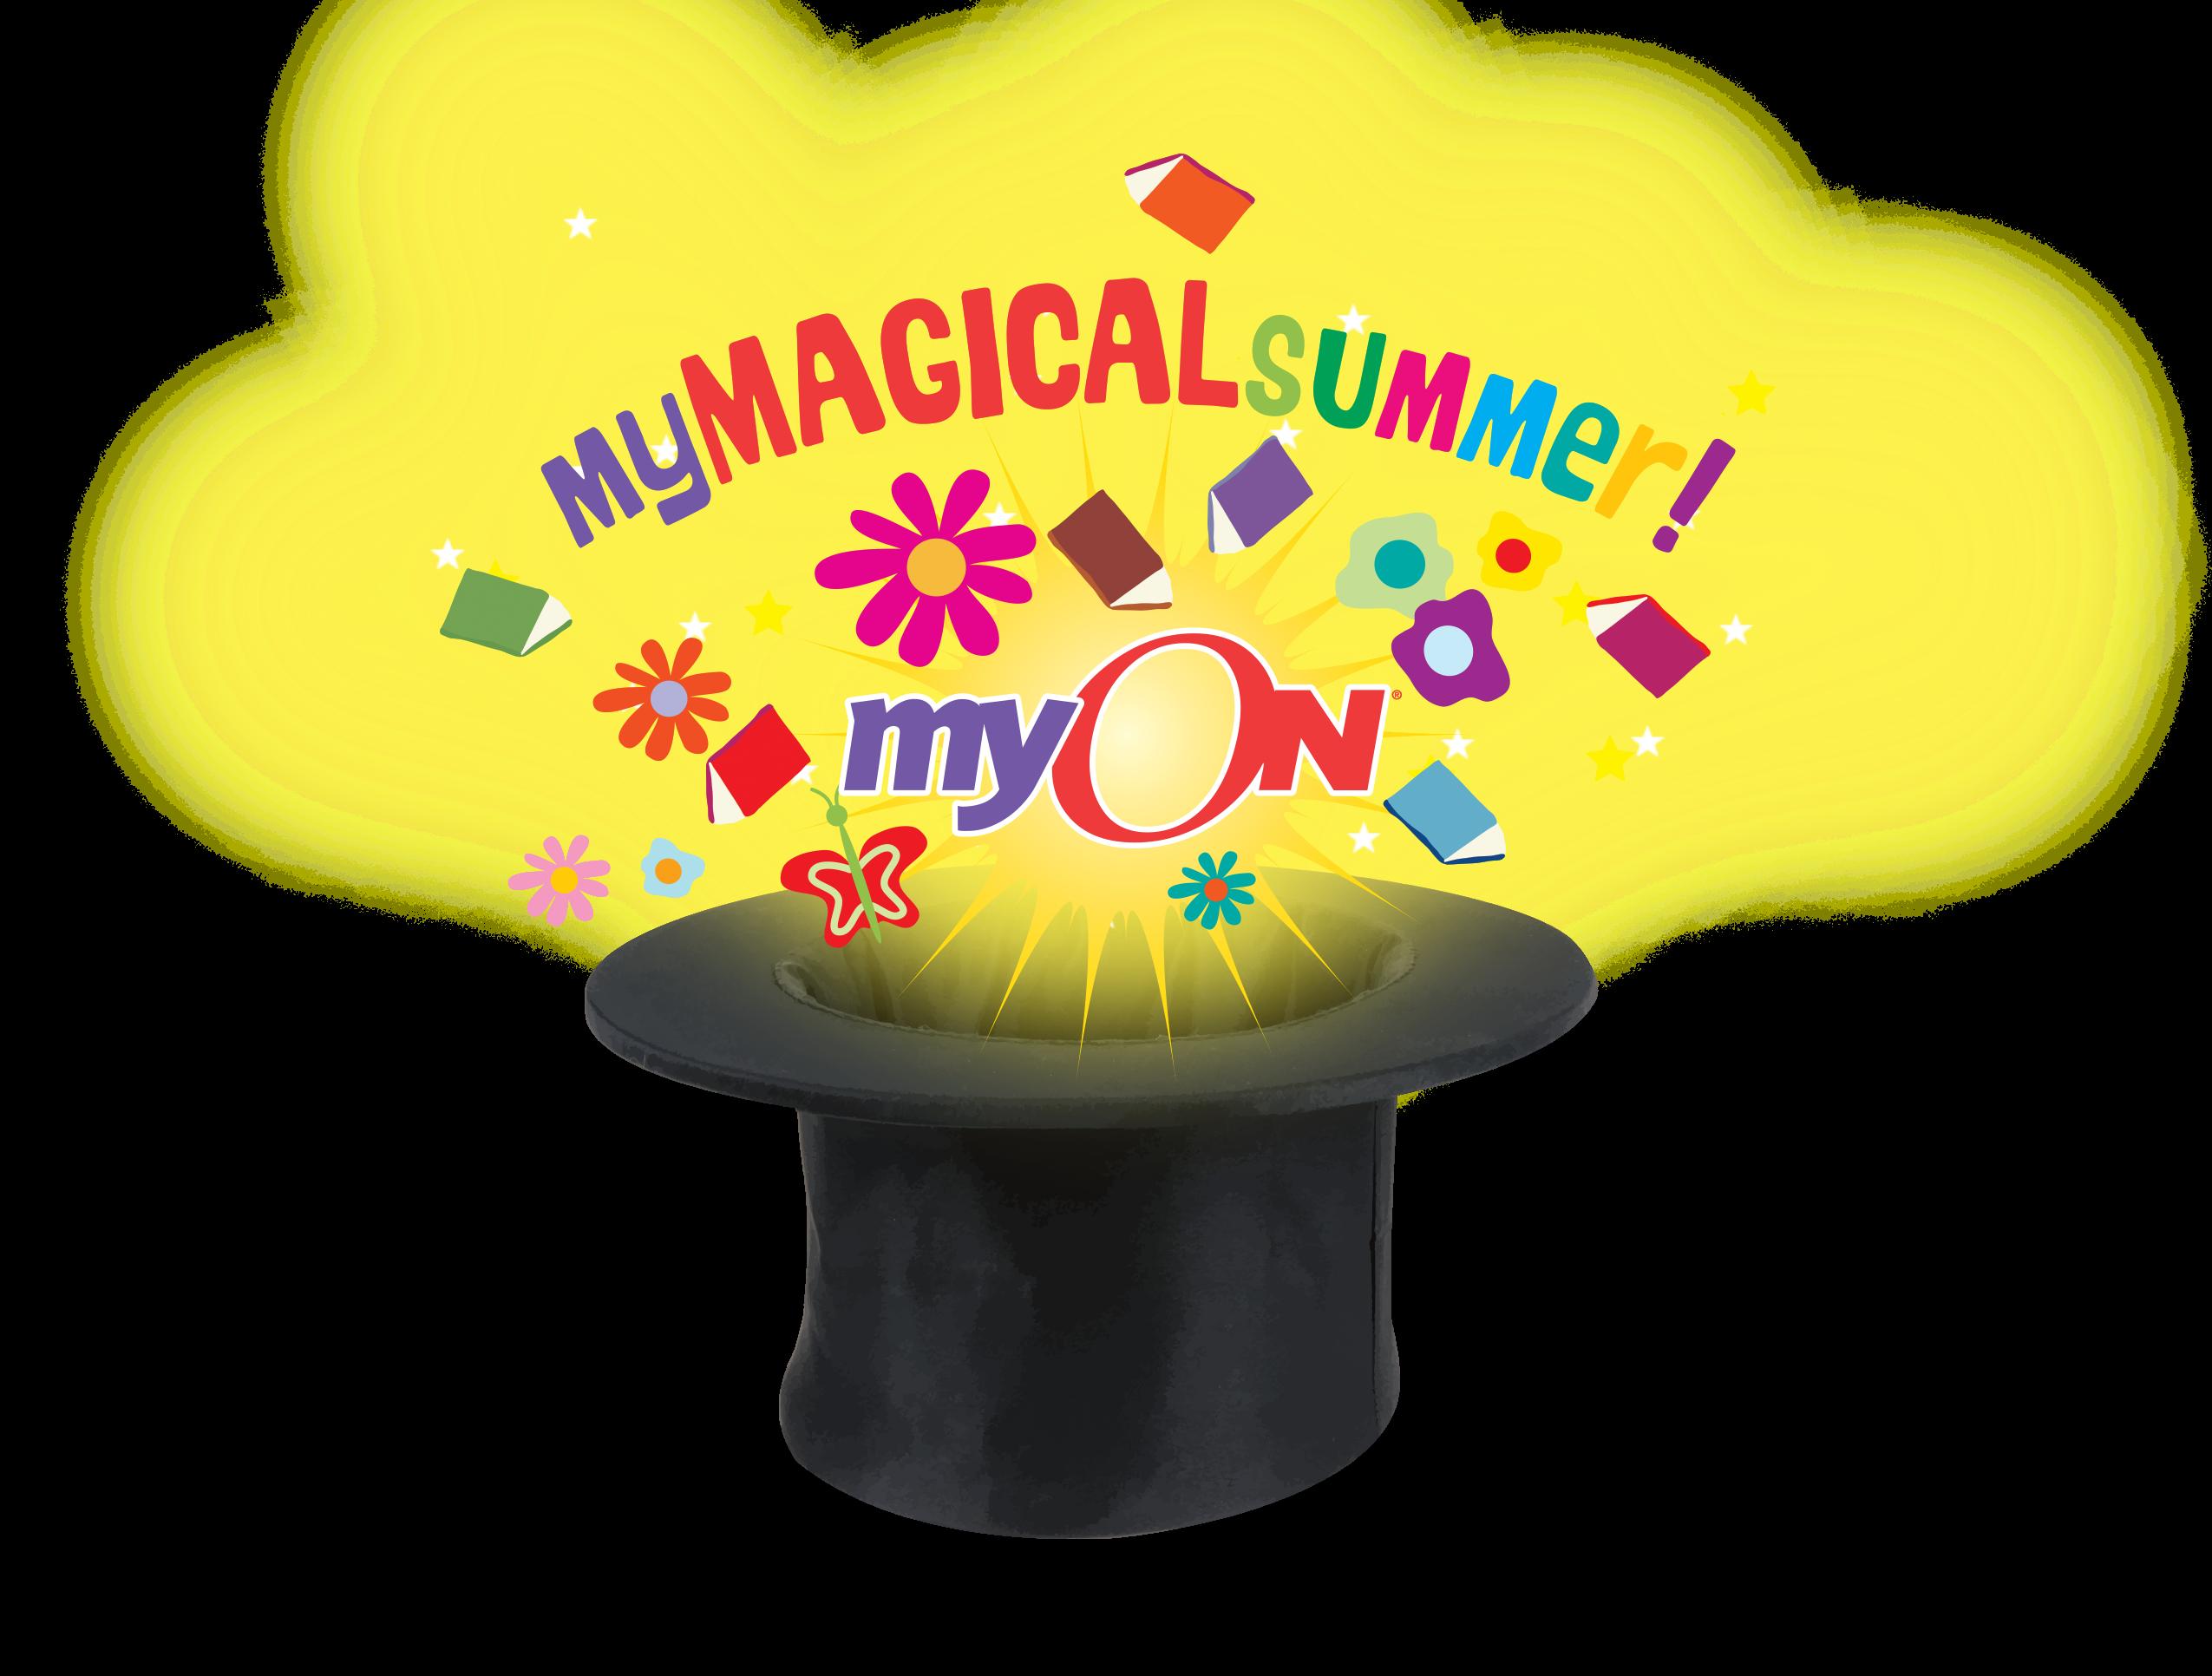 New MYON Ebooks For Summer Reading